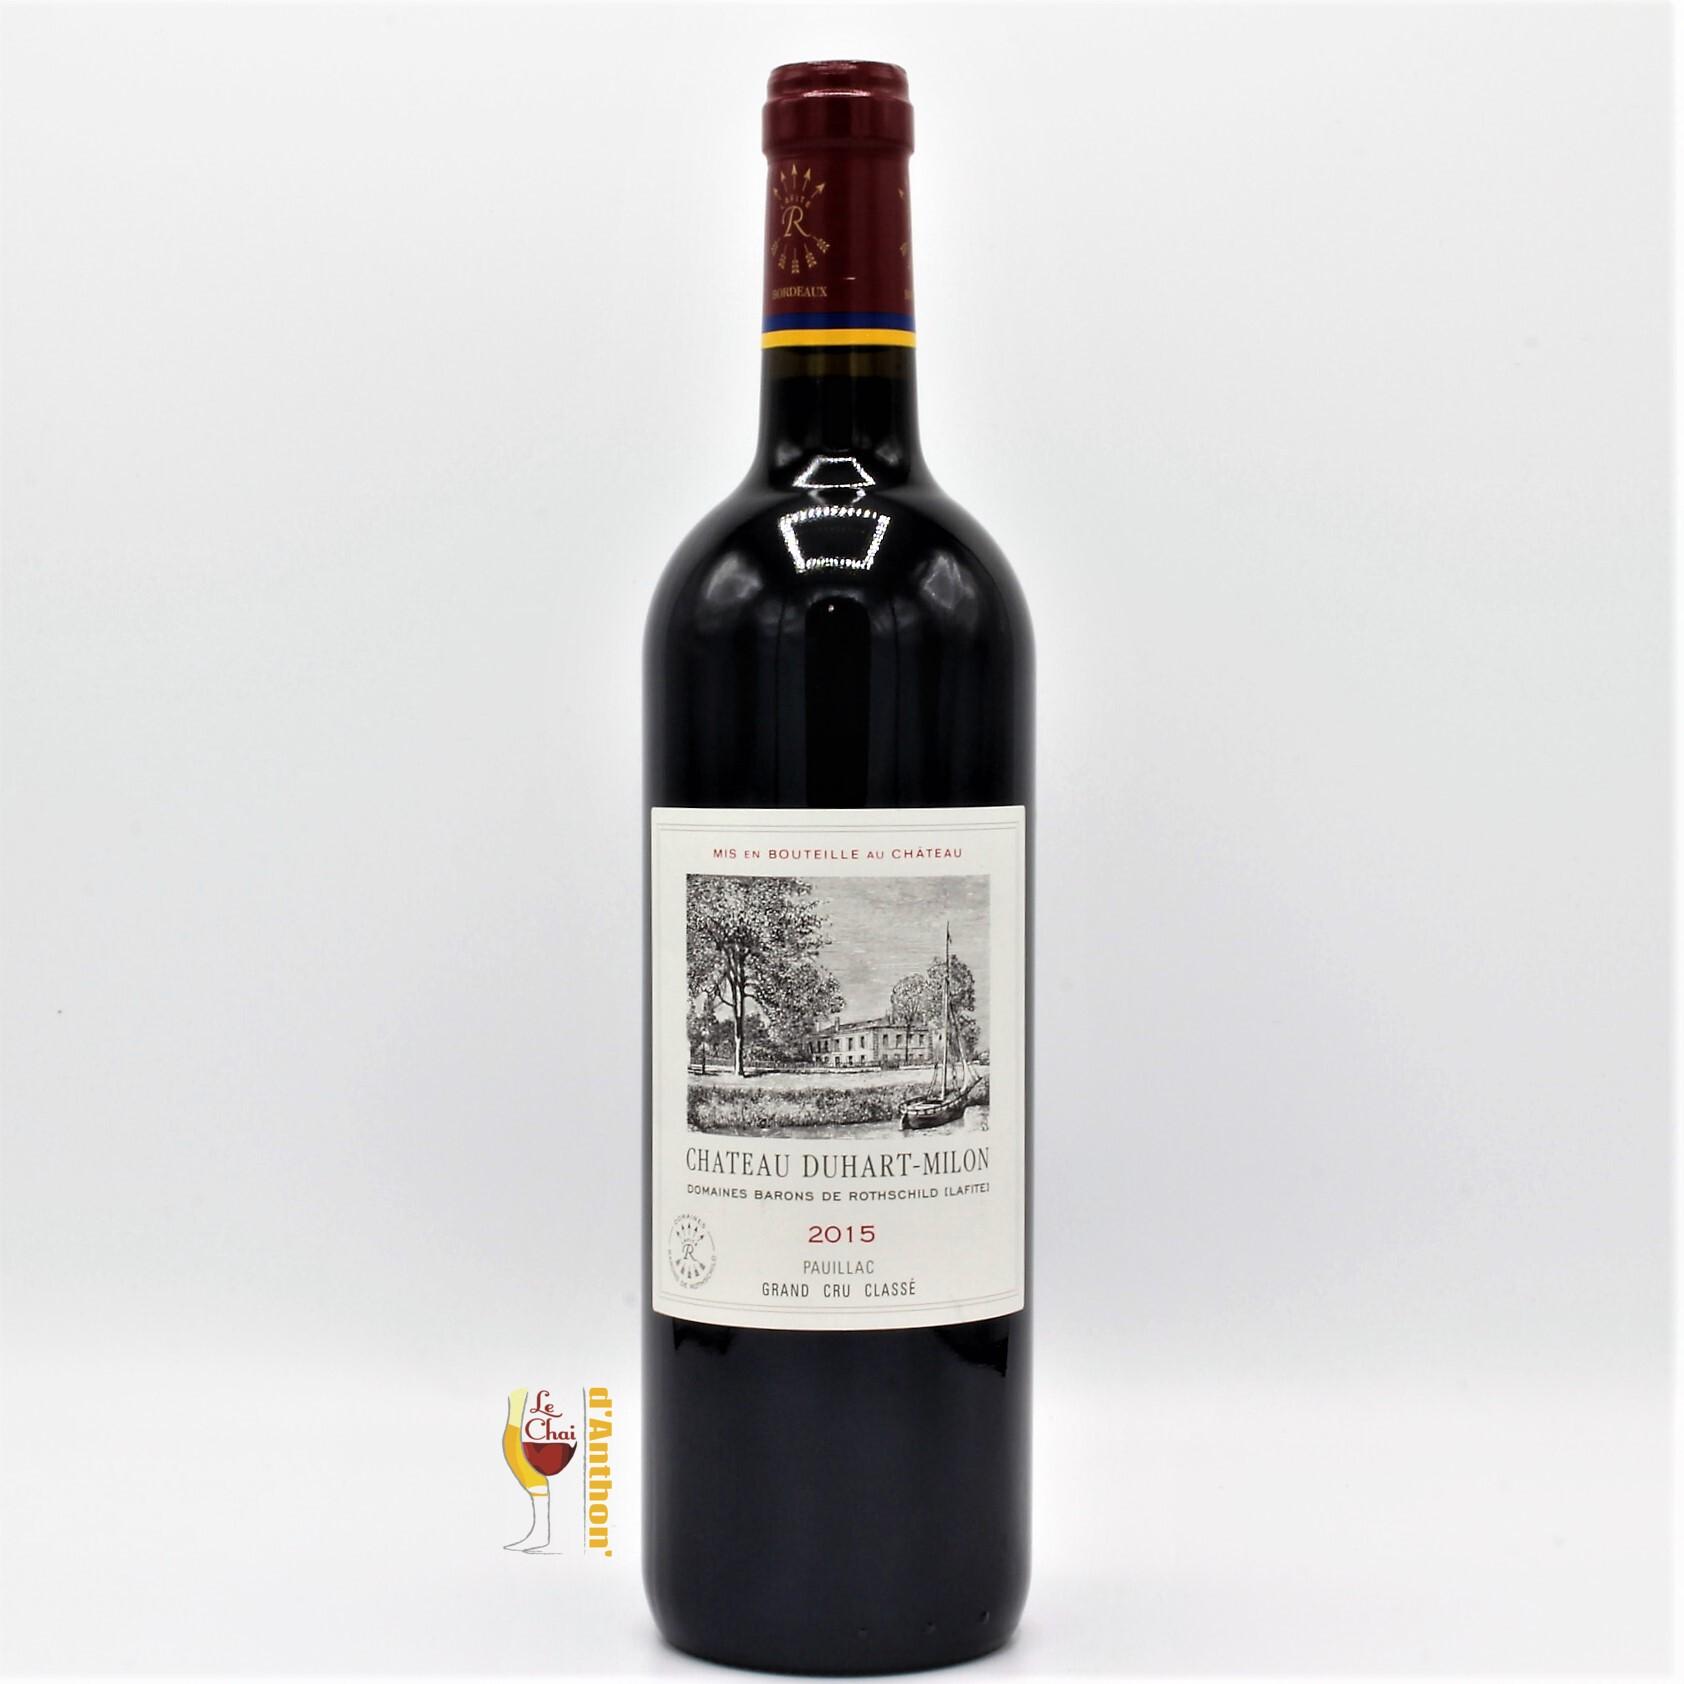 Le Chai D&682.JPG039;Anthon Vin Bouteille Rouge Bordeaux Pauillac 4eme Grand Cru Classe Duhart Milon 2015 75cl 682